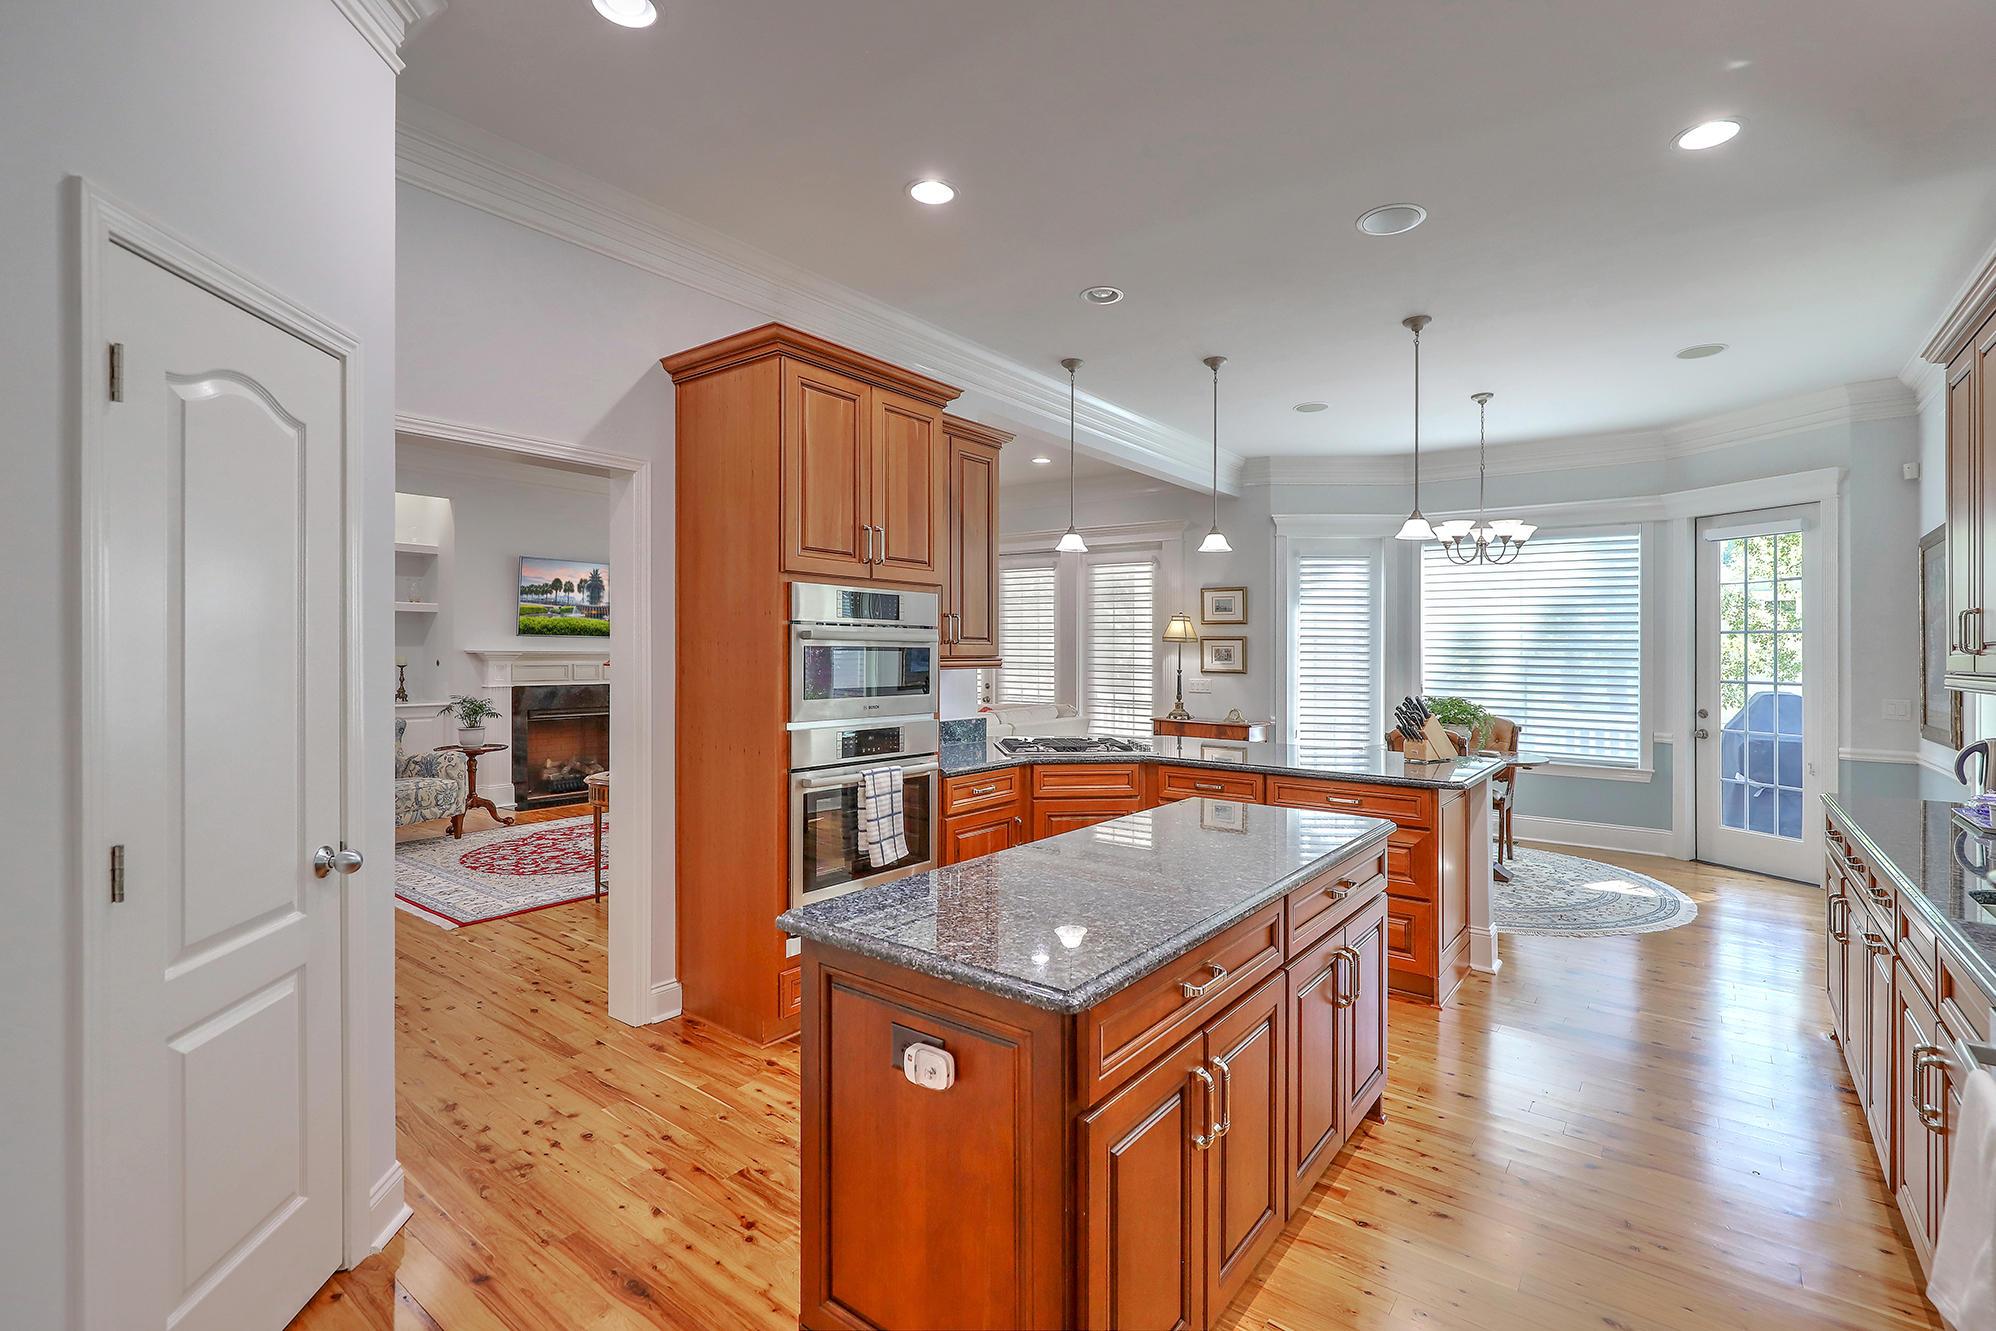 Park West Homes For Sale - 2108 Malcolm, Mount Pleasant, SC - 34